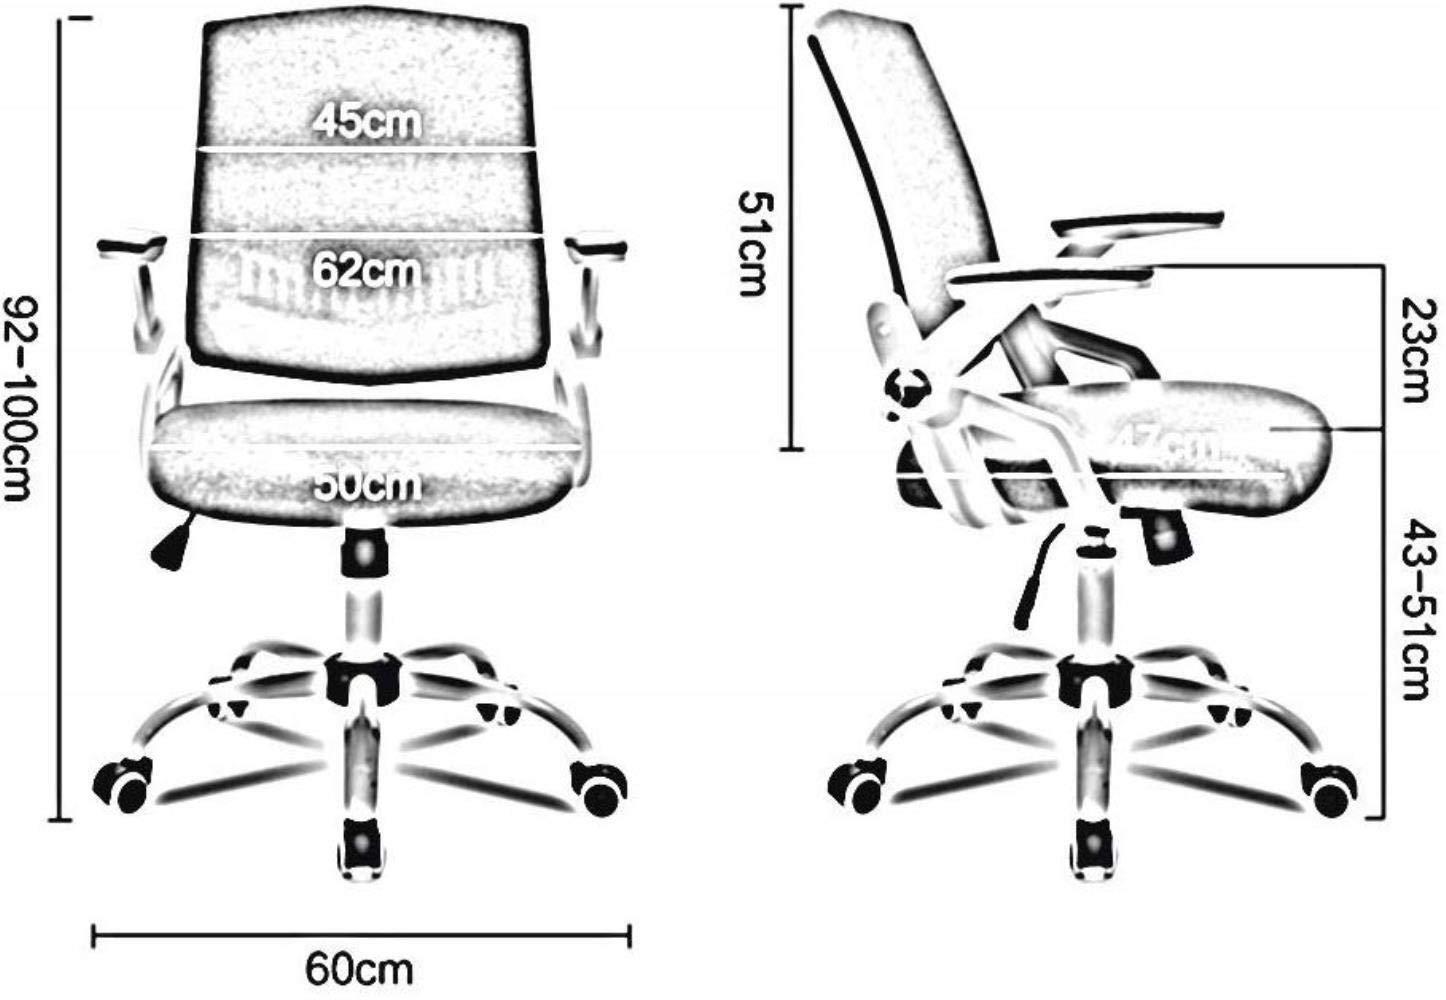 Xiuyun kontorsstol spelstol svängbar stol, studentstol, arbetsstol, skrivbord stol, datorstol, ryggstödstol, företagsstolar (färg: Rosa) BLÅ